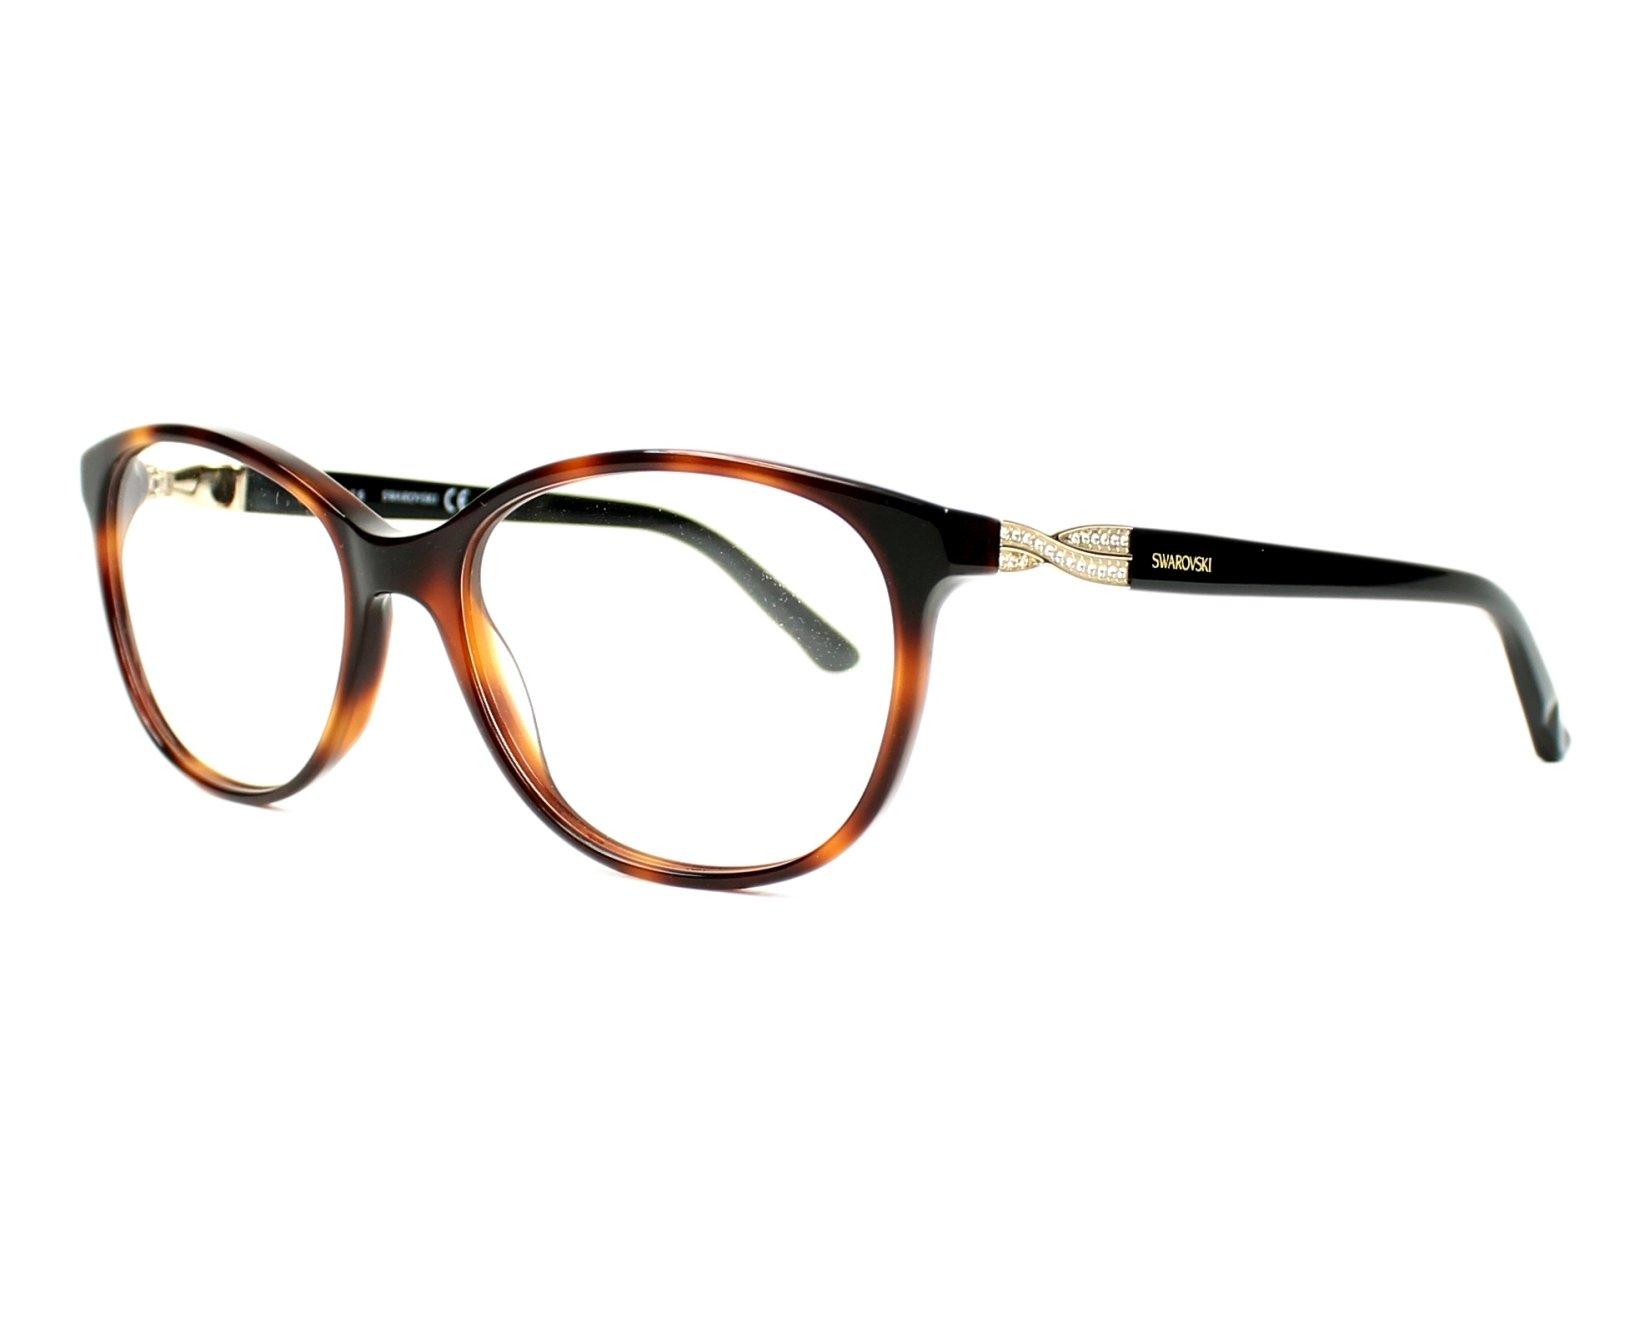 f010a22b903d Swarovski - Buy Swarovski eyeglasses online at low prices